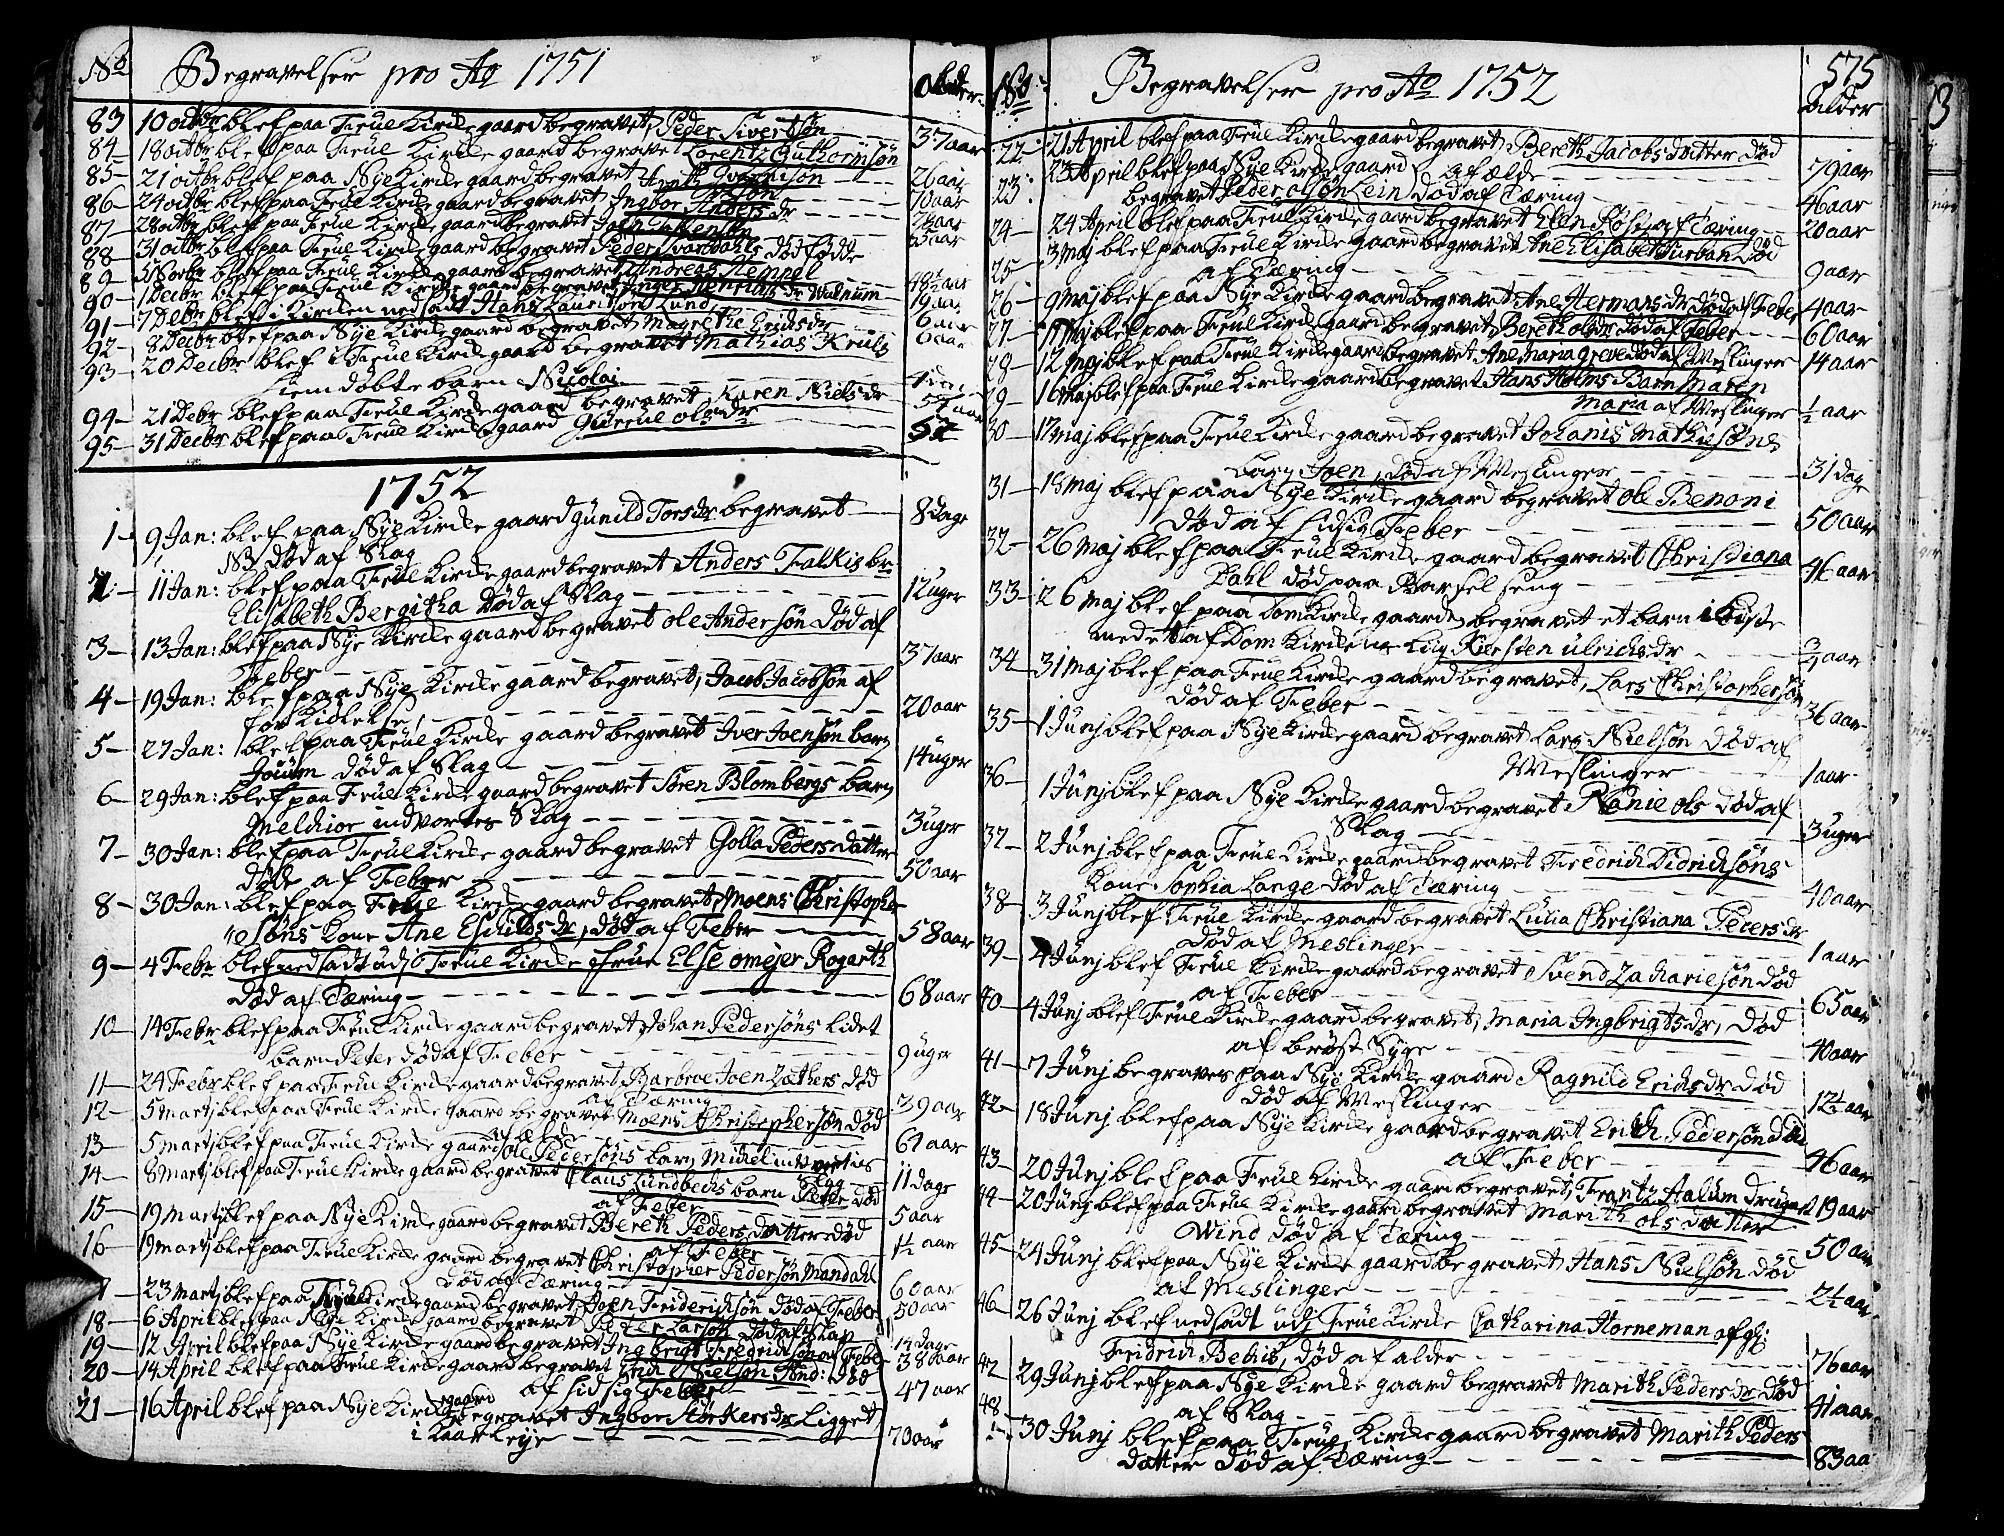 SAT, Ministerialprotokoller, klokkerbøker og fødselsregistre - Sør-Trøndelag, 602/L0103: Ministerialbok nr. 602A01, 1732-1774, s. 575